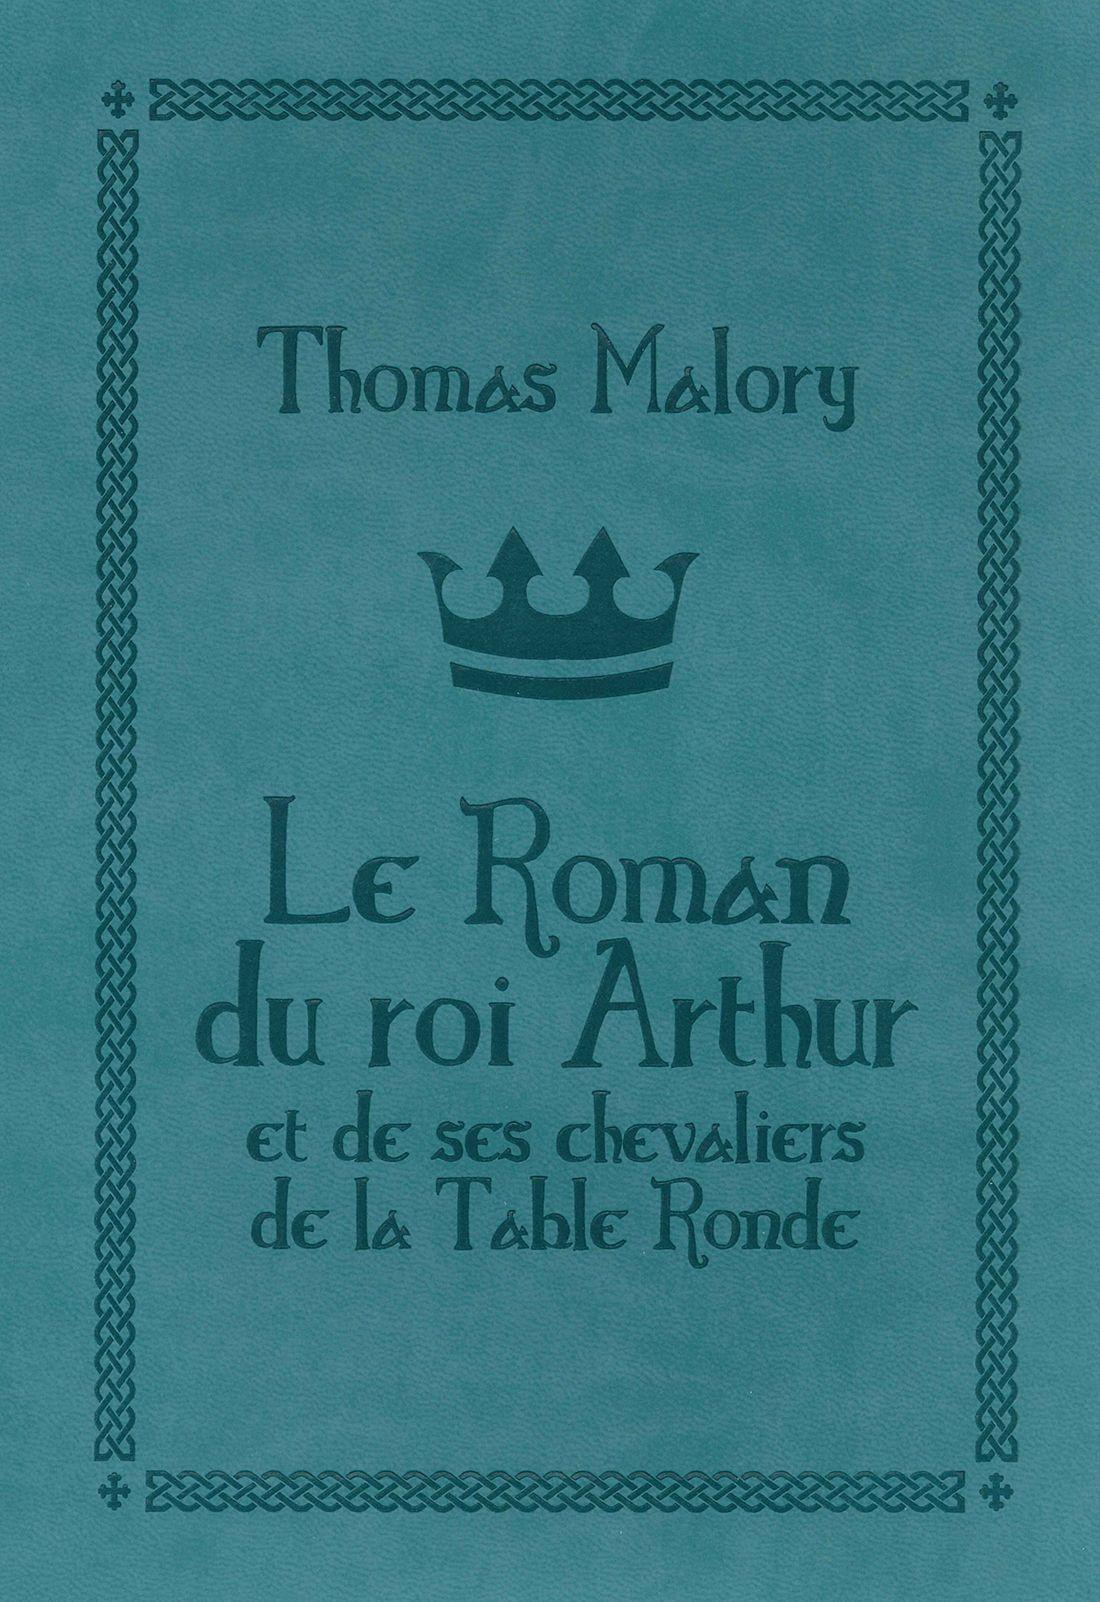 Le roman du roi arthur et de ses chevaliers de la table ronde - Chanson les chevaliers de la table ronde ...